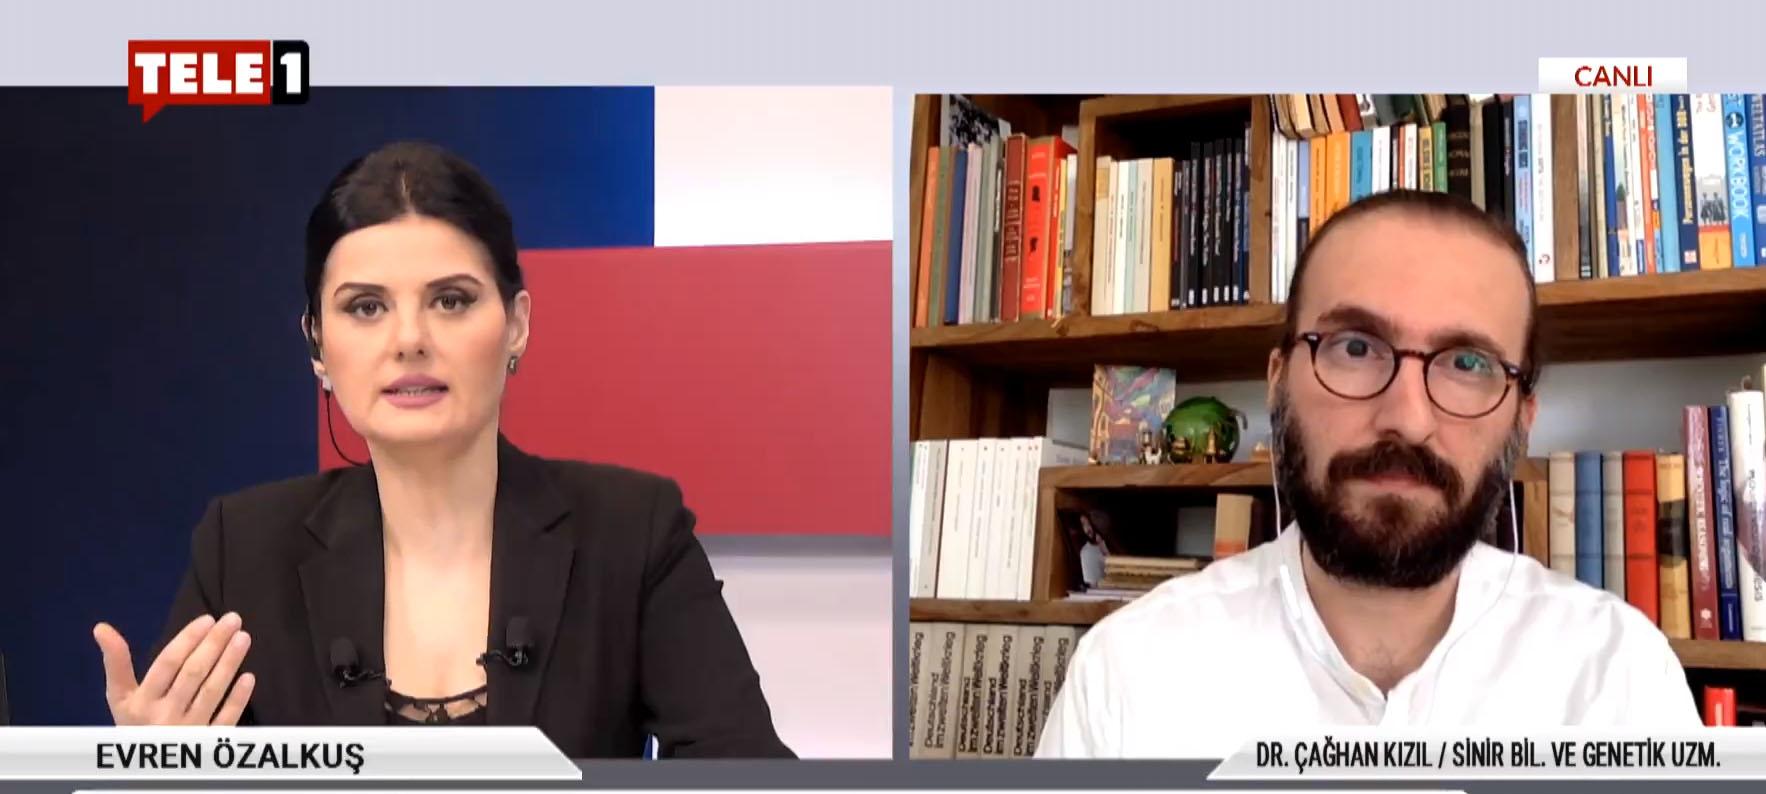 Dr. Çağhan Kızıl: Sağlık Bakanlığı'nın açıkladığı R0 değerini tartacak veriler elimizde yok